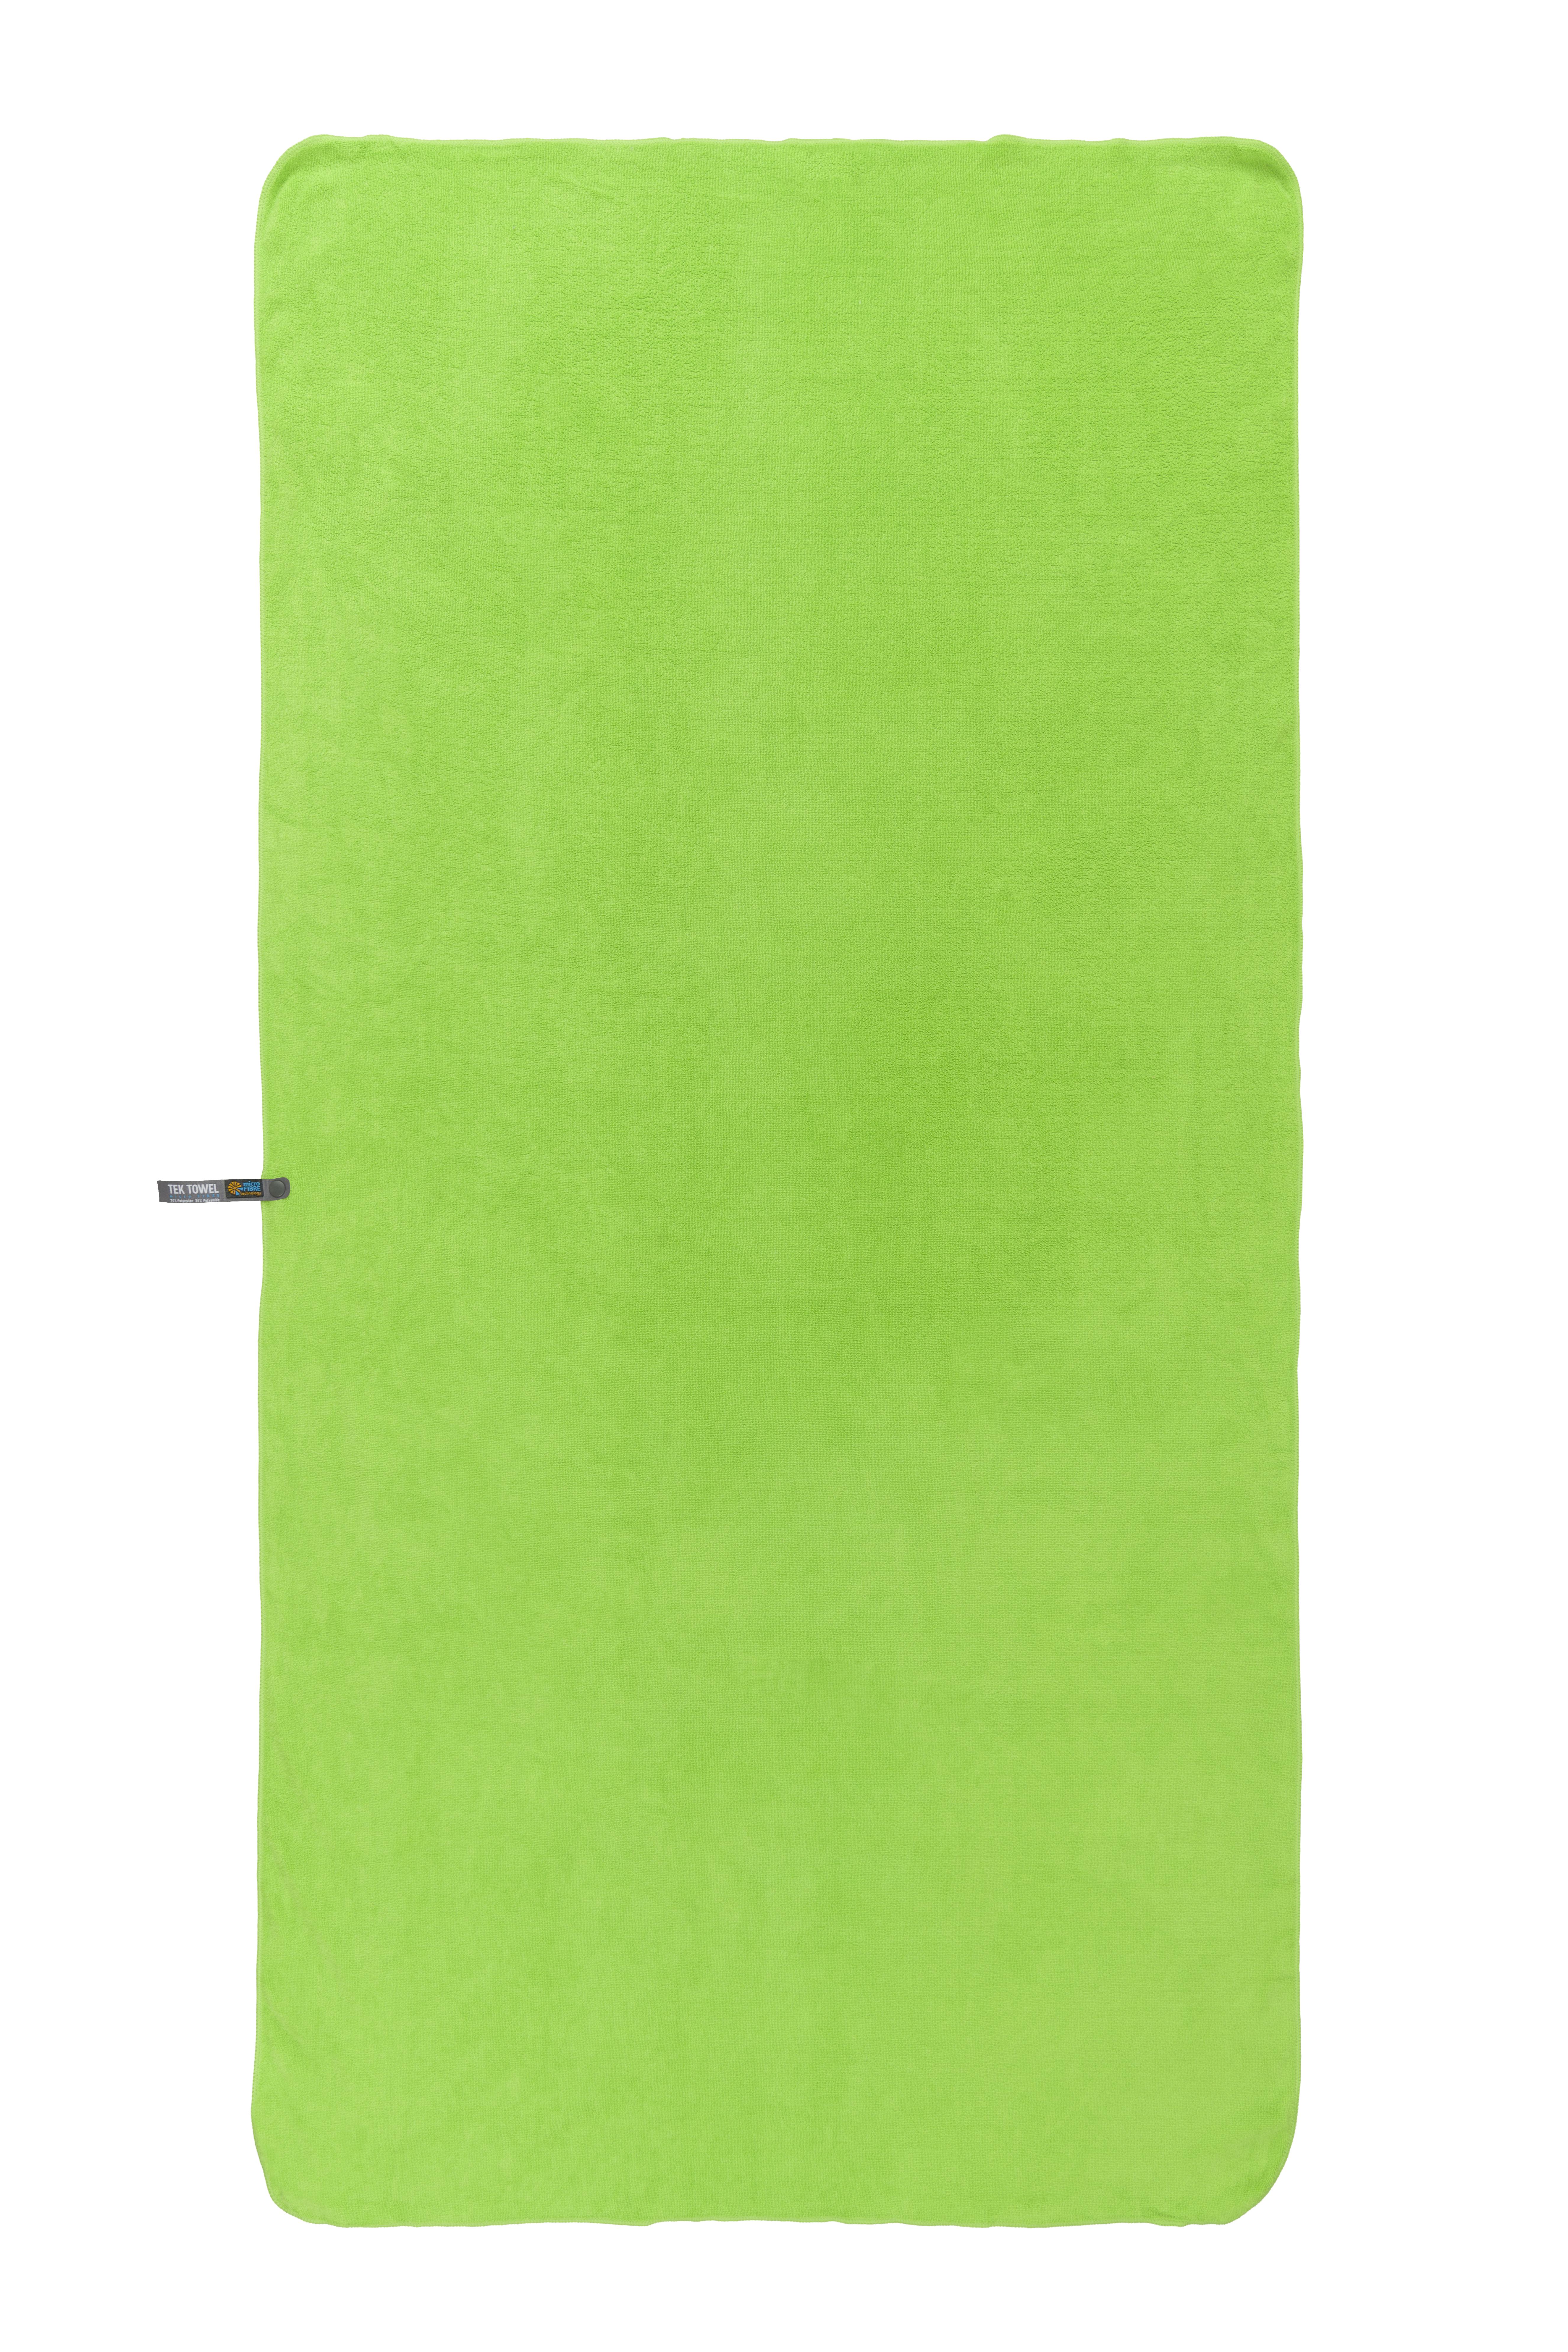 Полотенце Tek Towel 75cm x150cm Sea To Summit — фото 5